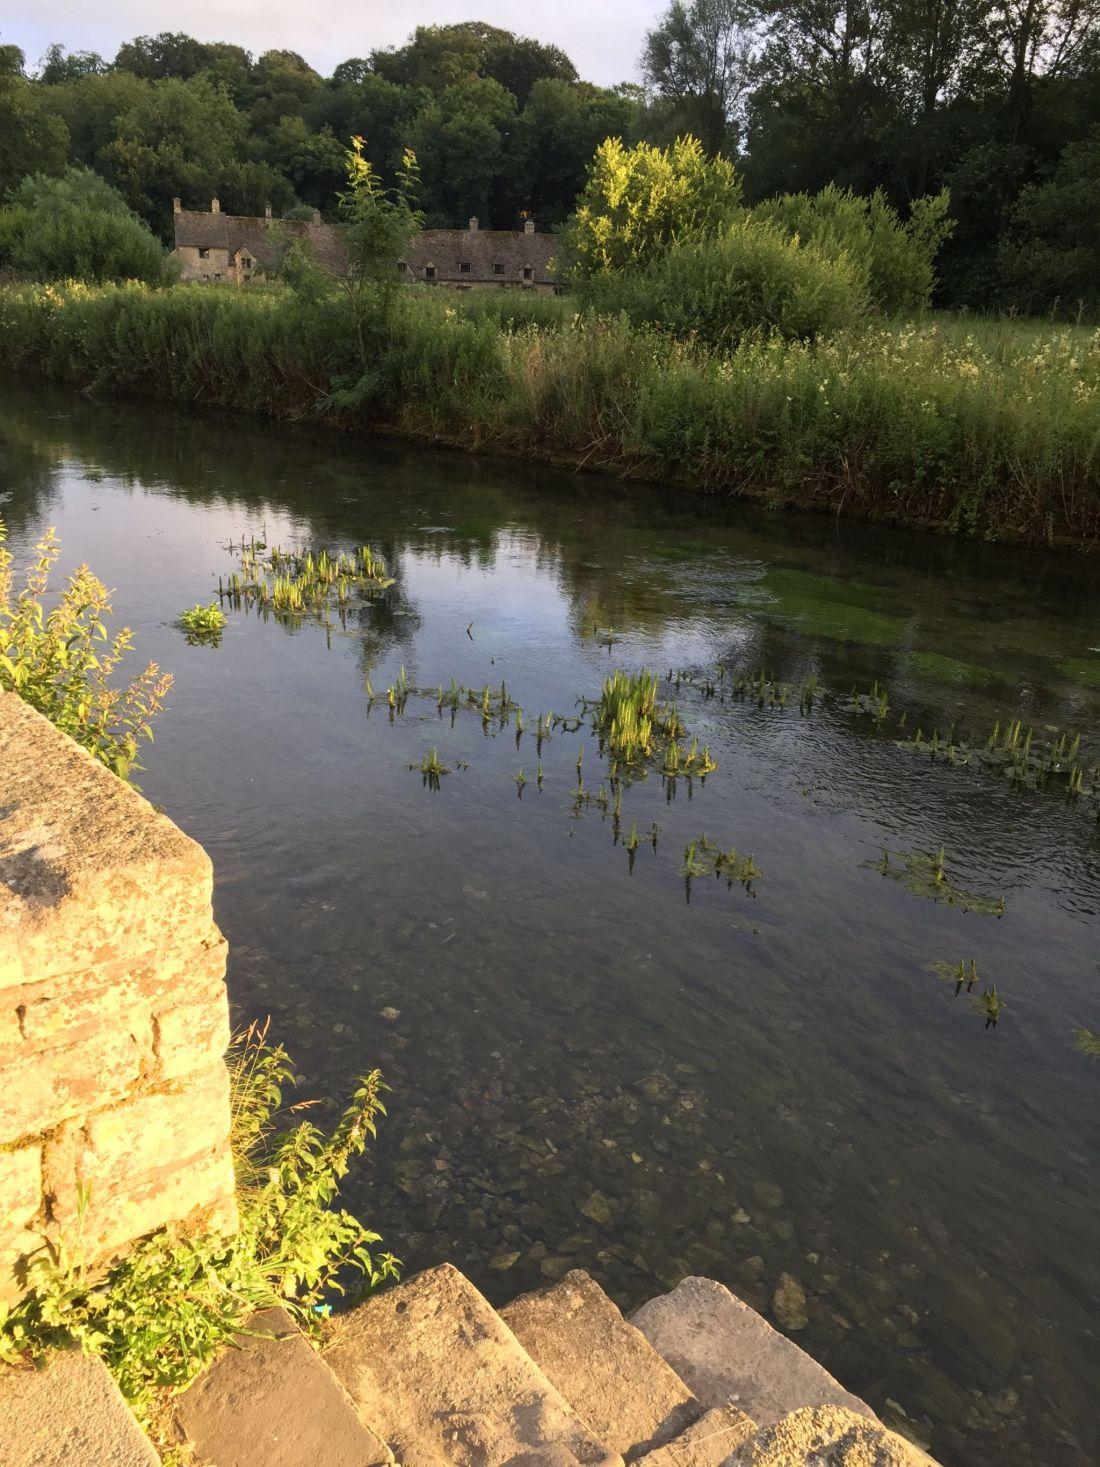 Coln River, Bibury